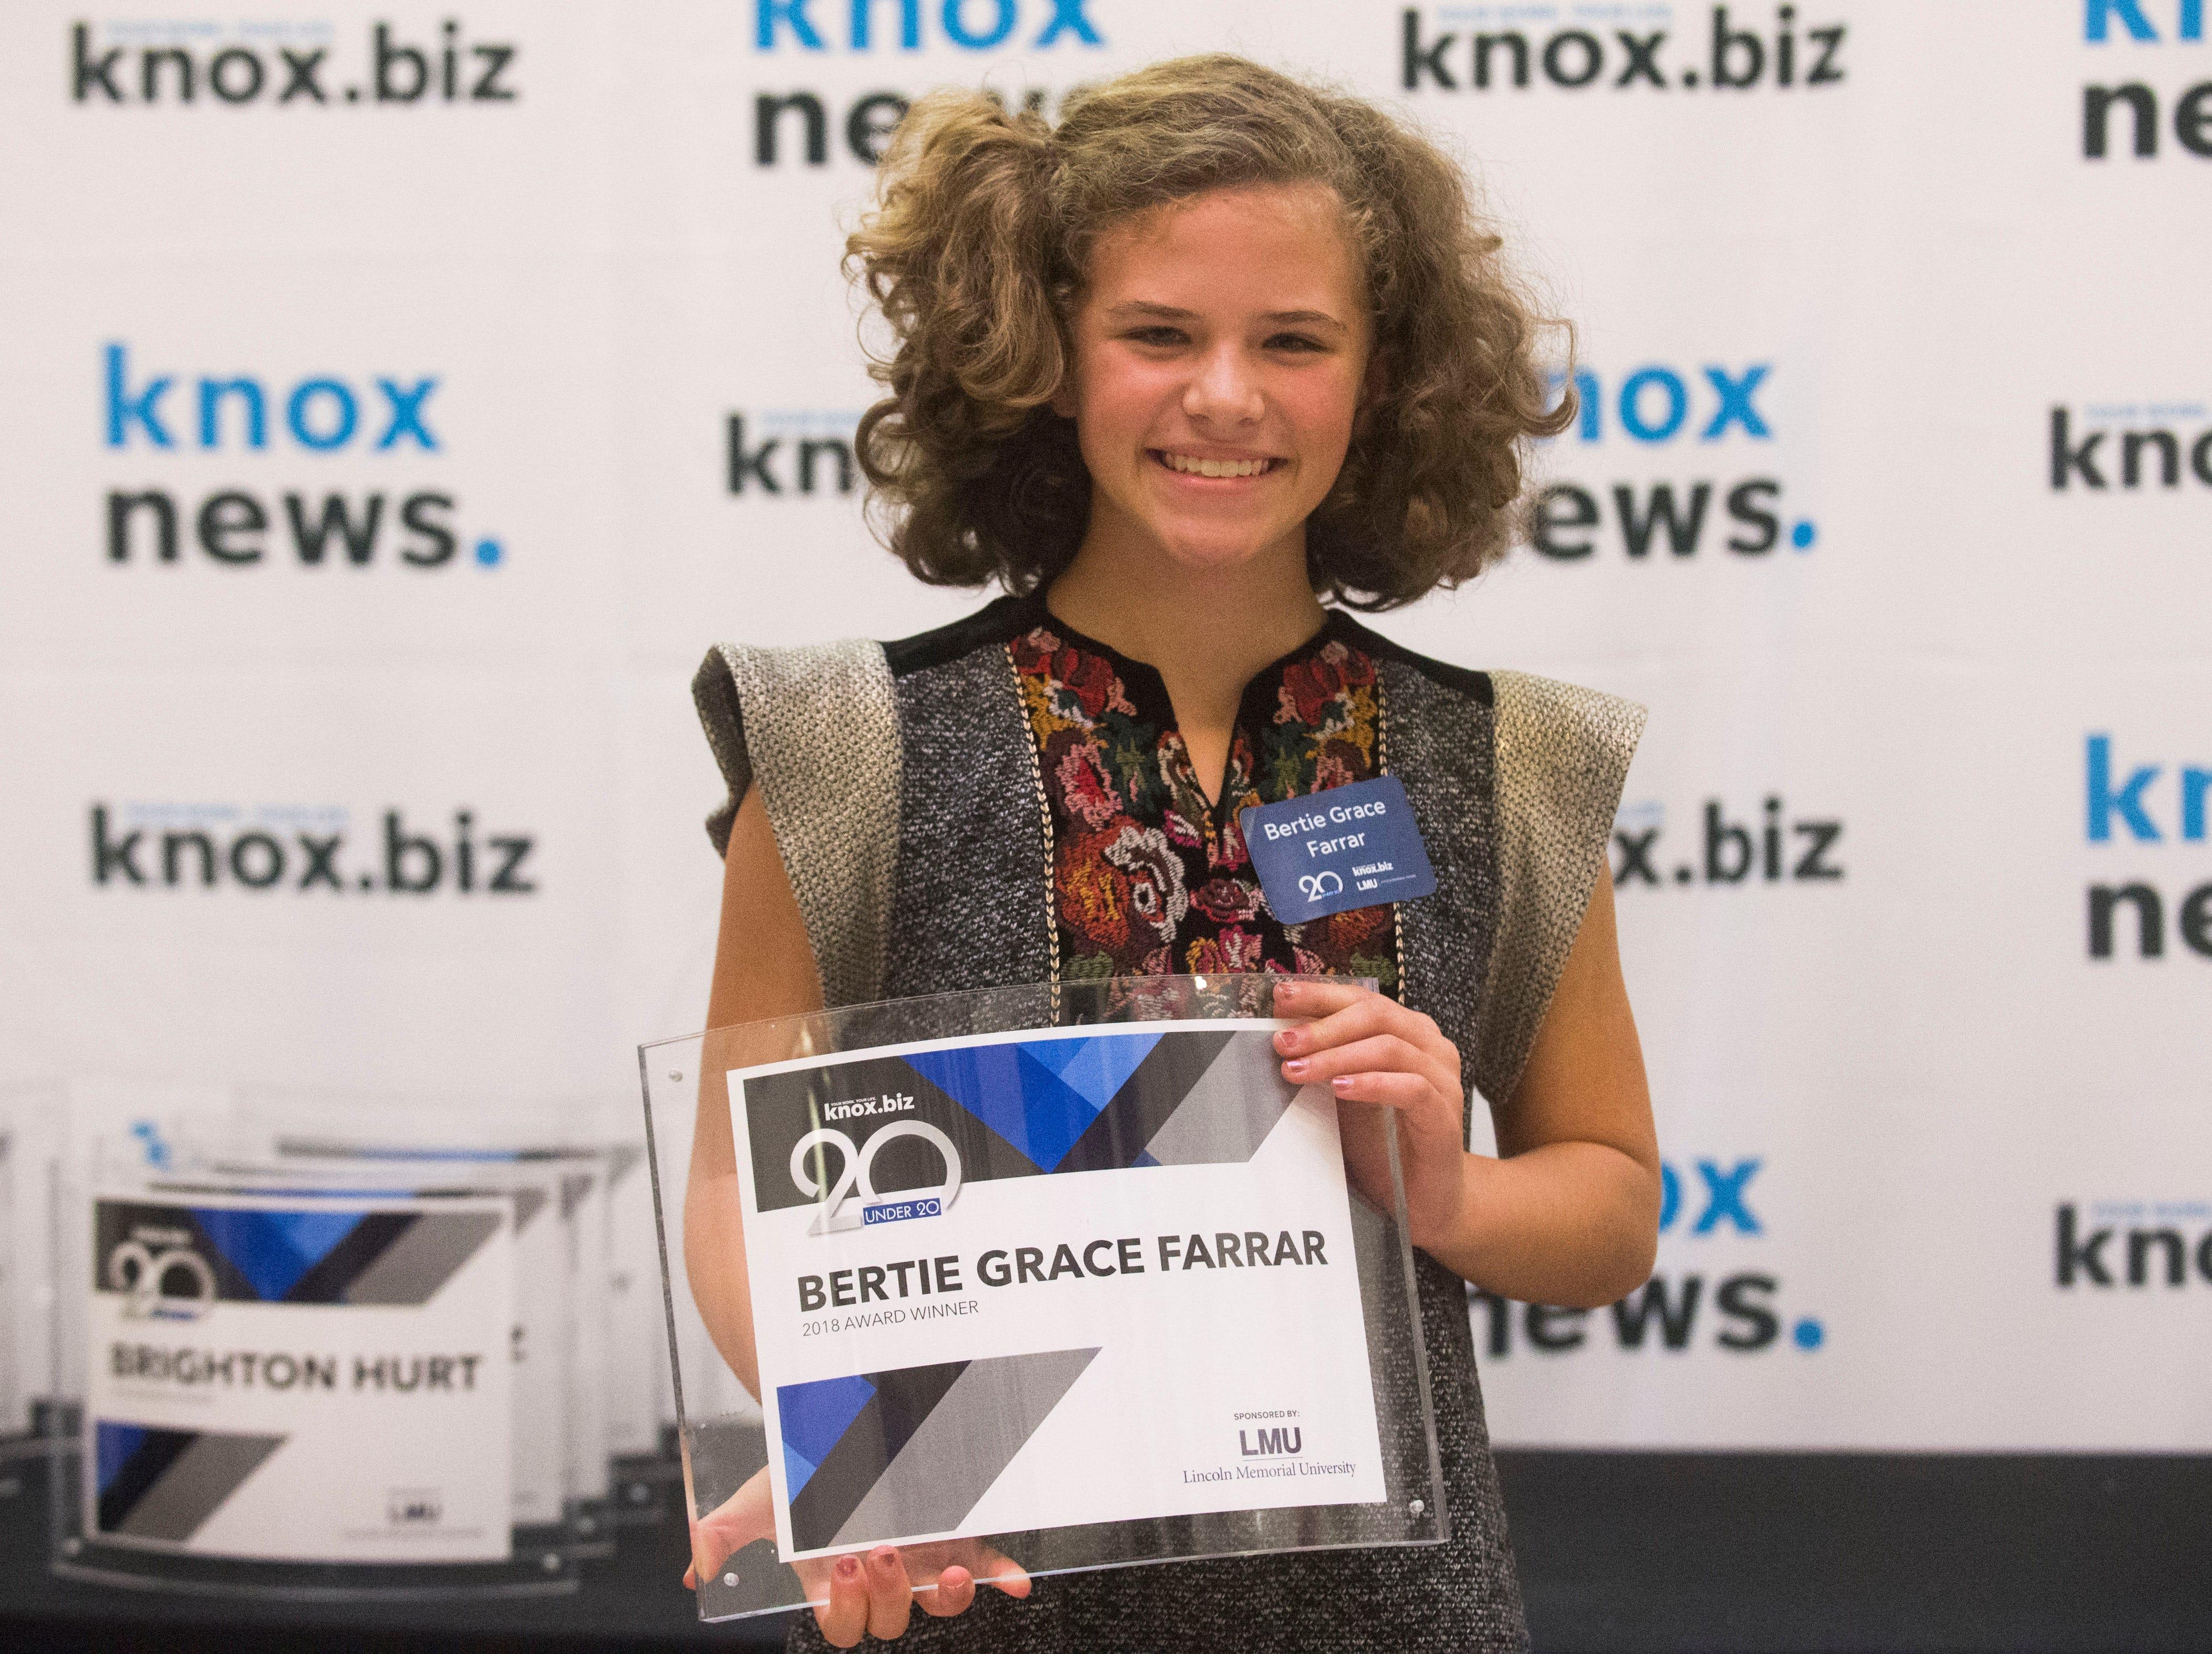 Bertie Grace Farrar, 20 under 20 award recipient.